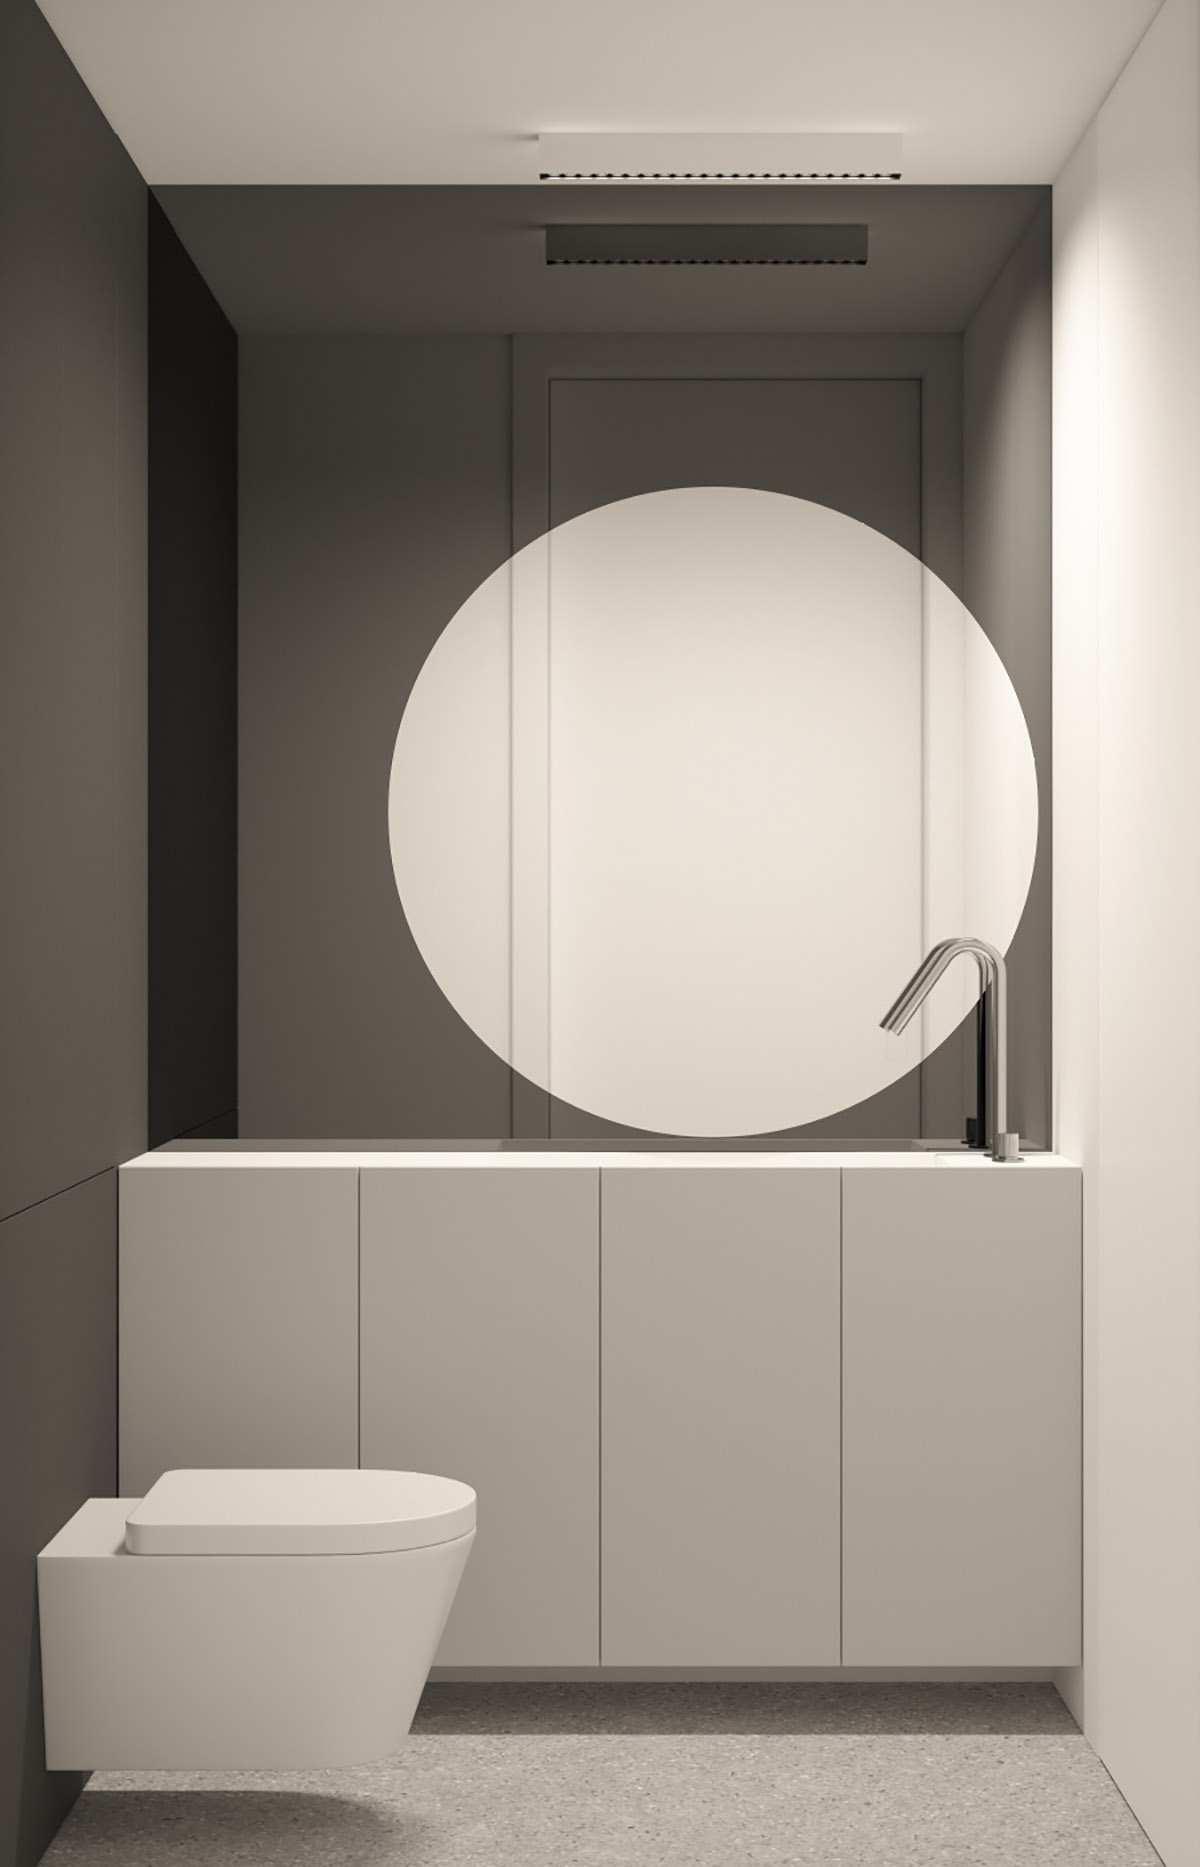 طراحی داخلی 3 نمونه آپارتمان با تم خاکستری - Grey Based Decor 20